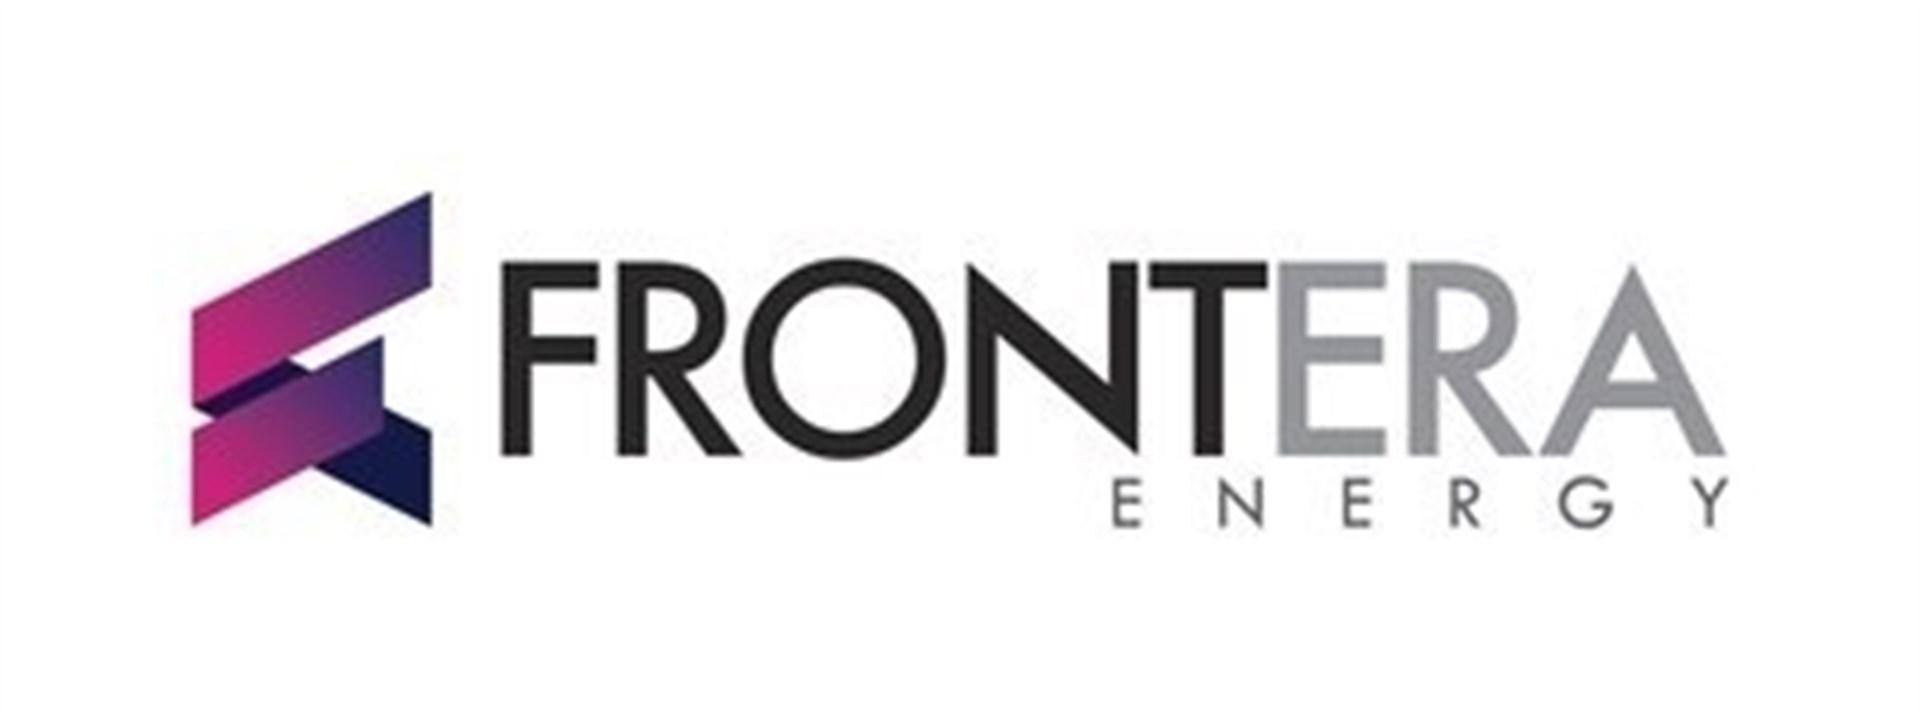 Frontera Energy emite USD 350 millones en bonos